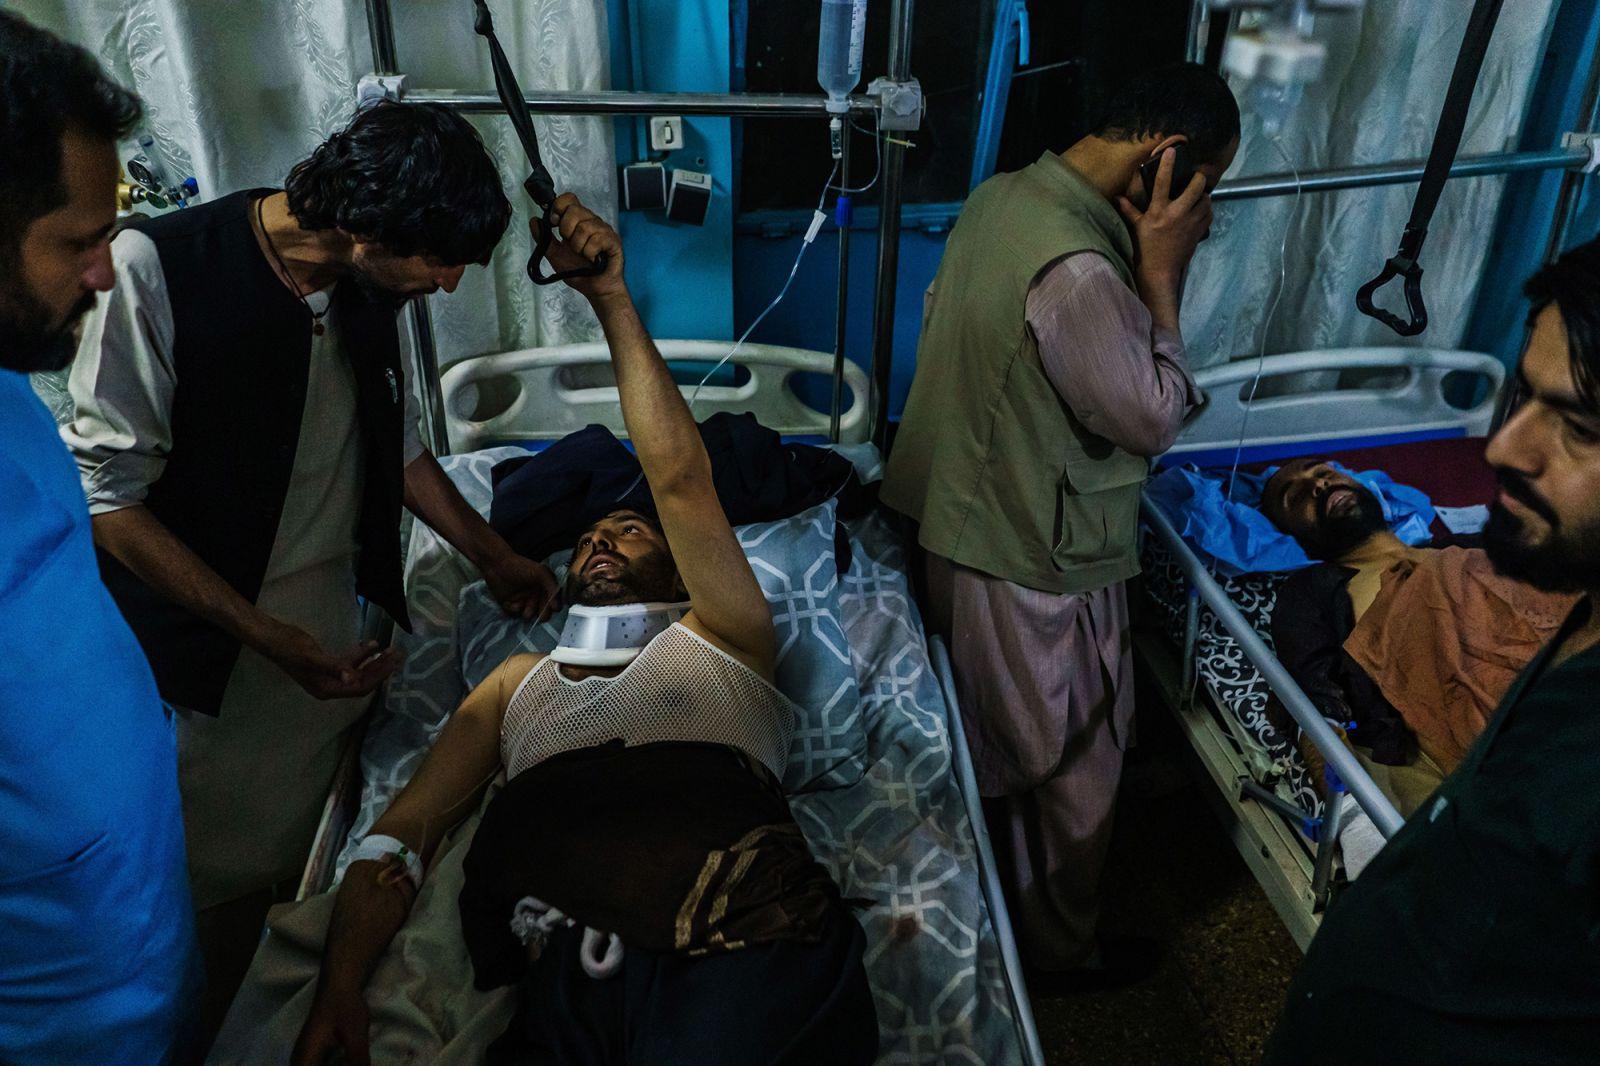 खुरासान ग्रुप ने 26 अगस्त को काबुल एयरपोर्ट पर दो आत्मघाती हमले किए थे।